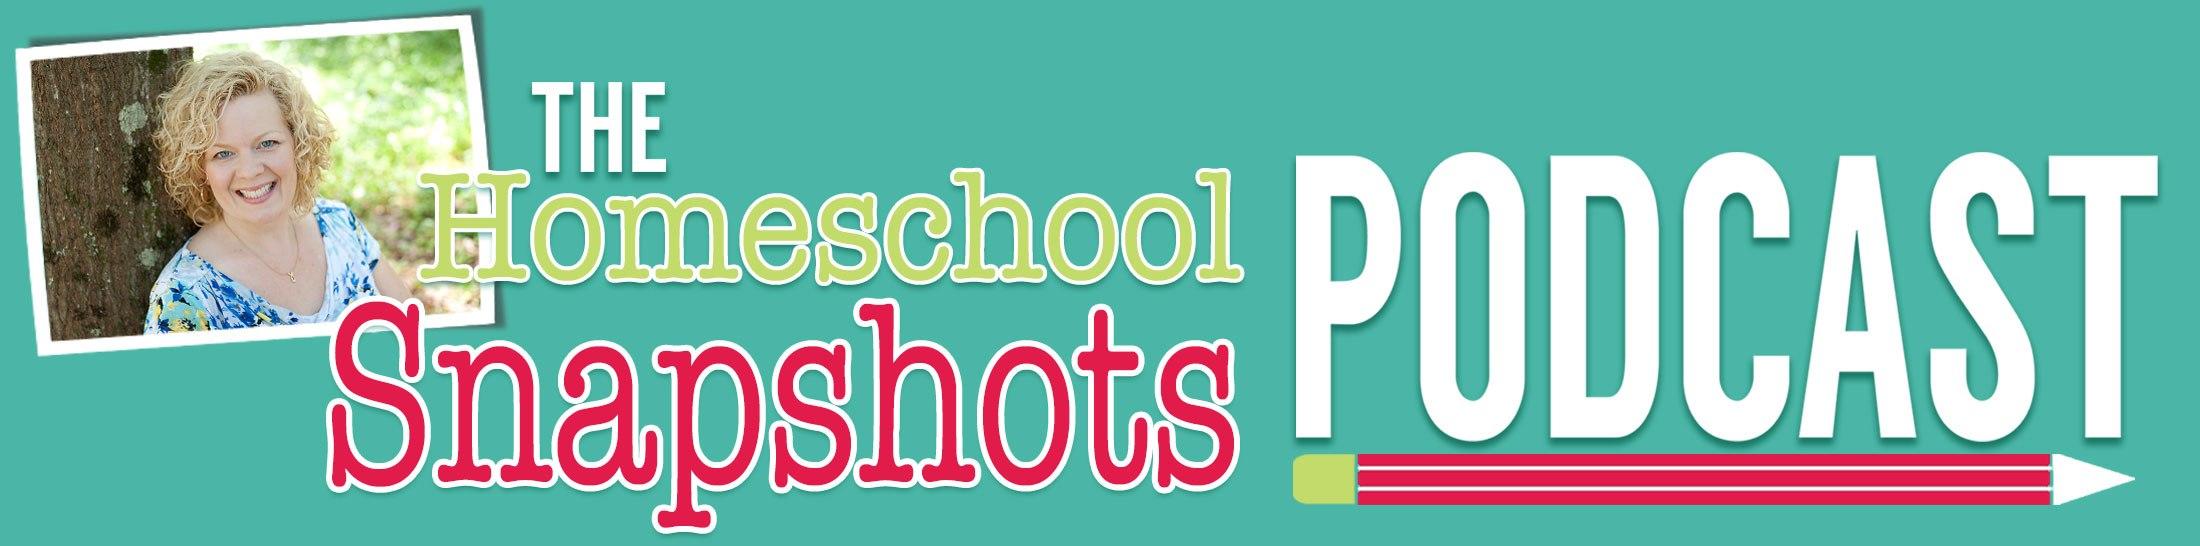 homeschool snapshots